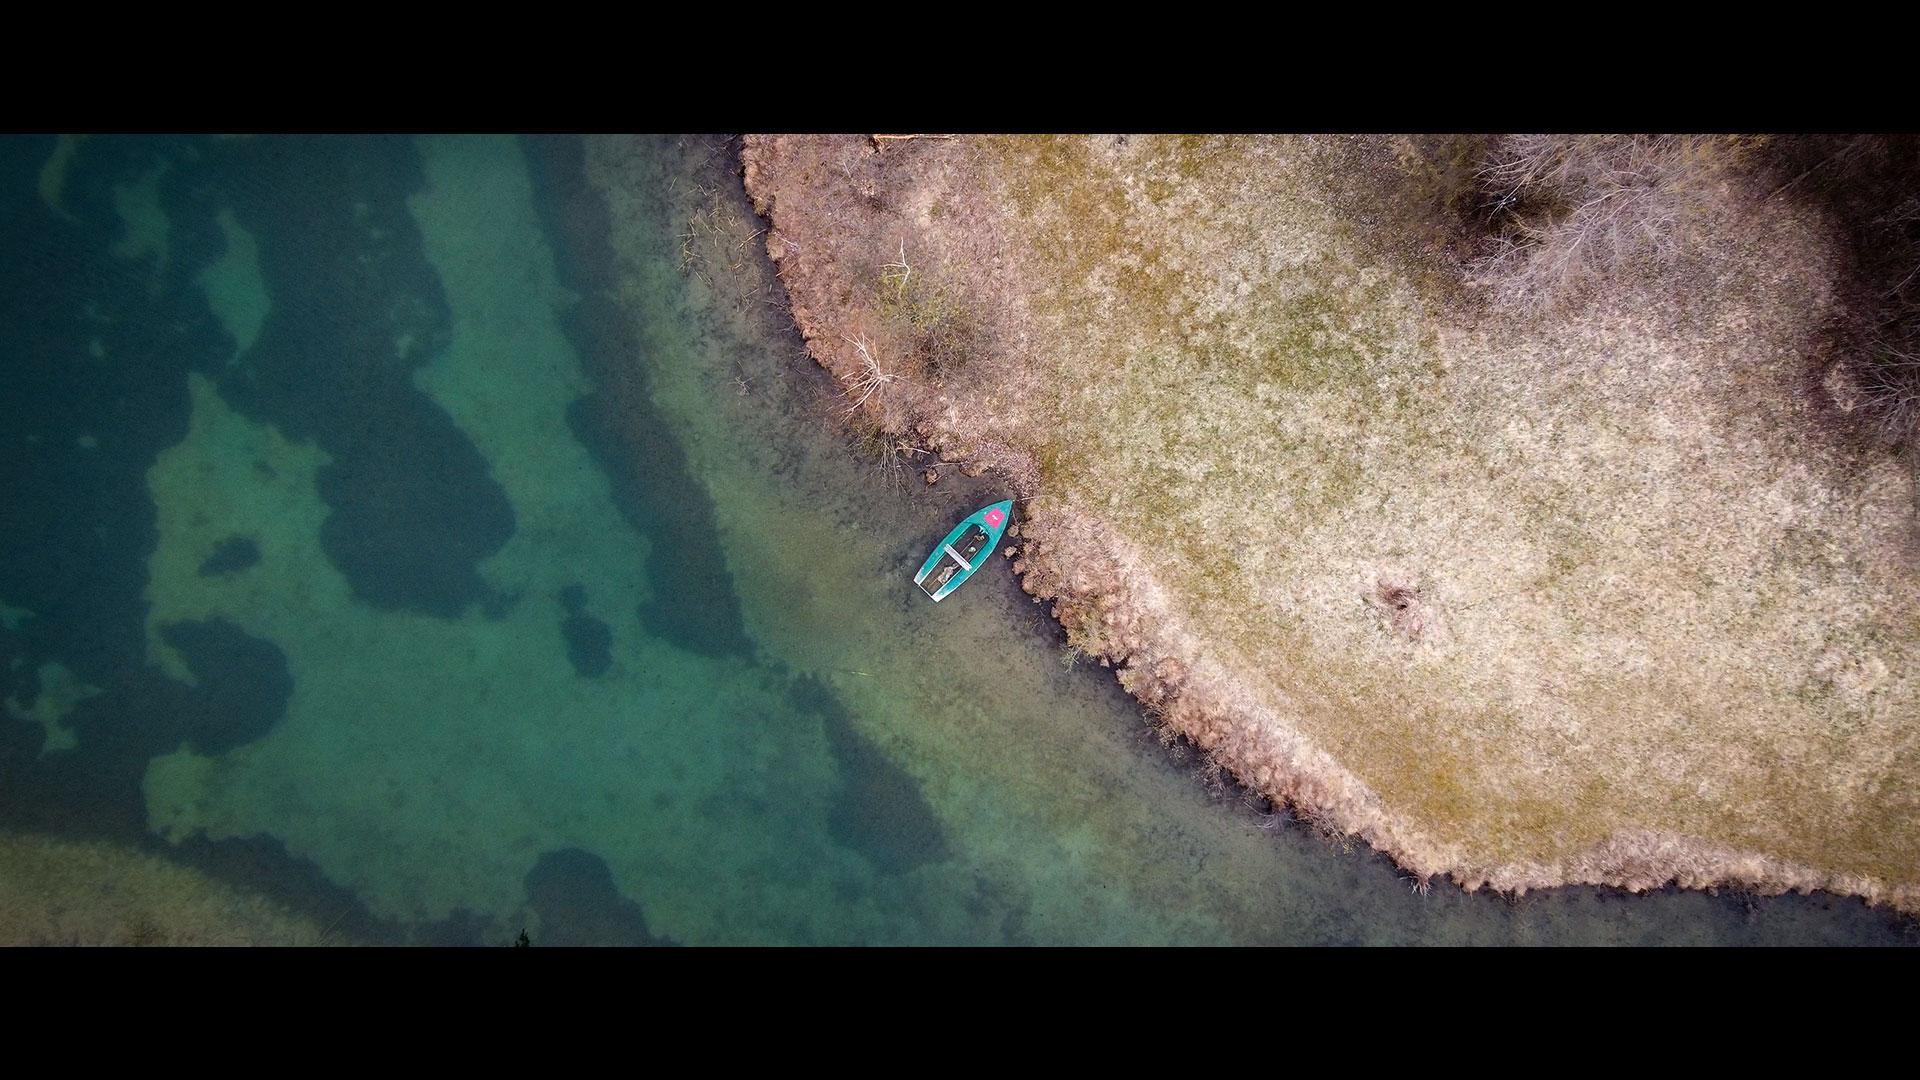 Neuer Blickwinkel – Kärnten von Oben (Drohnen Video)